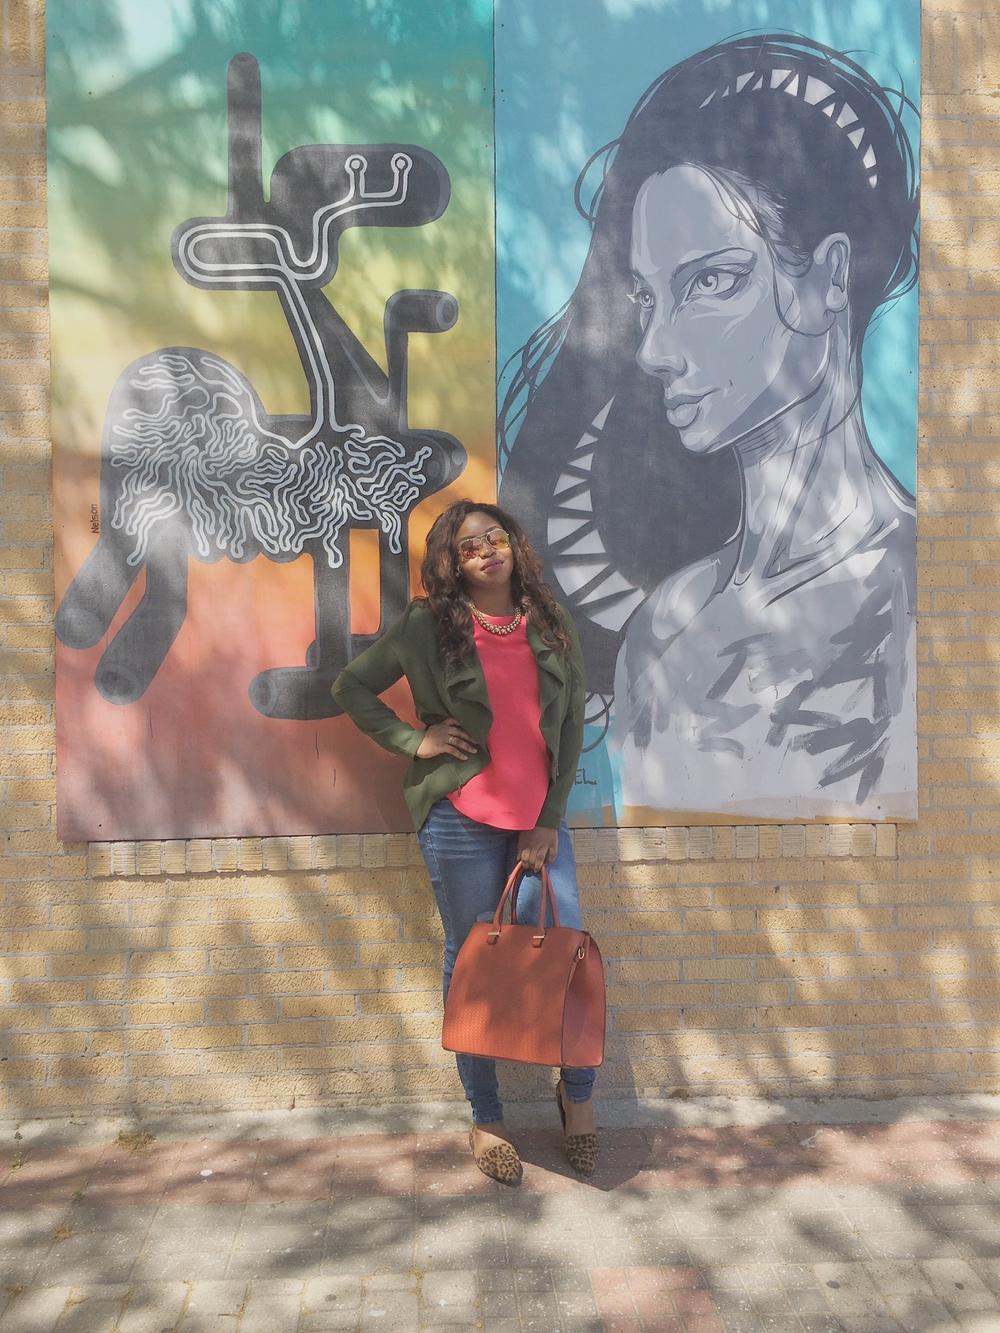 What I'm Wearing: Blouse-Ann Taylor Loft, Jacket-JustFab, Jeans-Celebrity Jeans, Shoes-ASOS, Bag-H&M, Necklace-H&M, Sunnies- Francescas